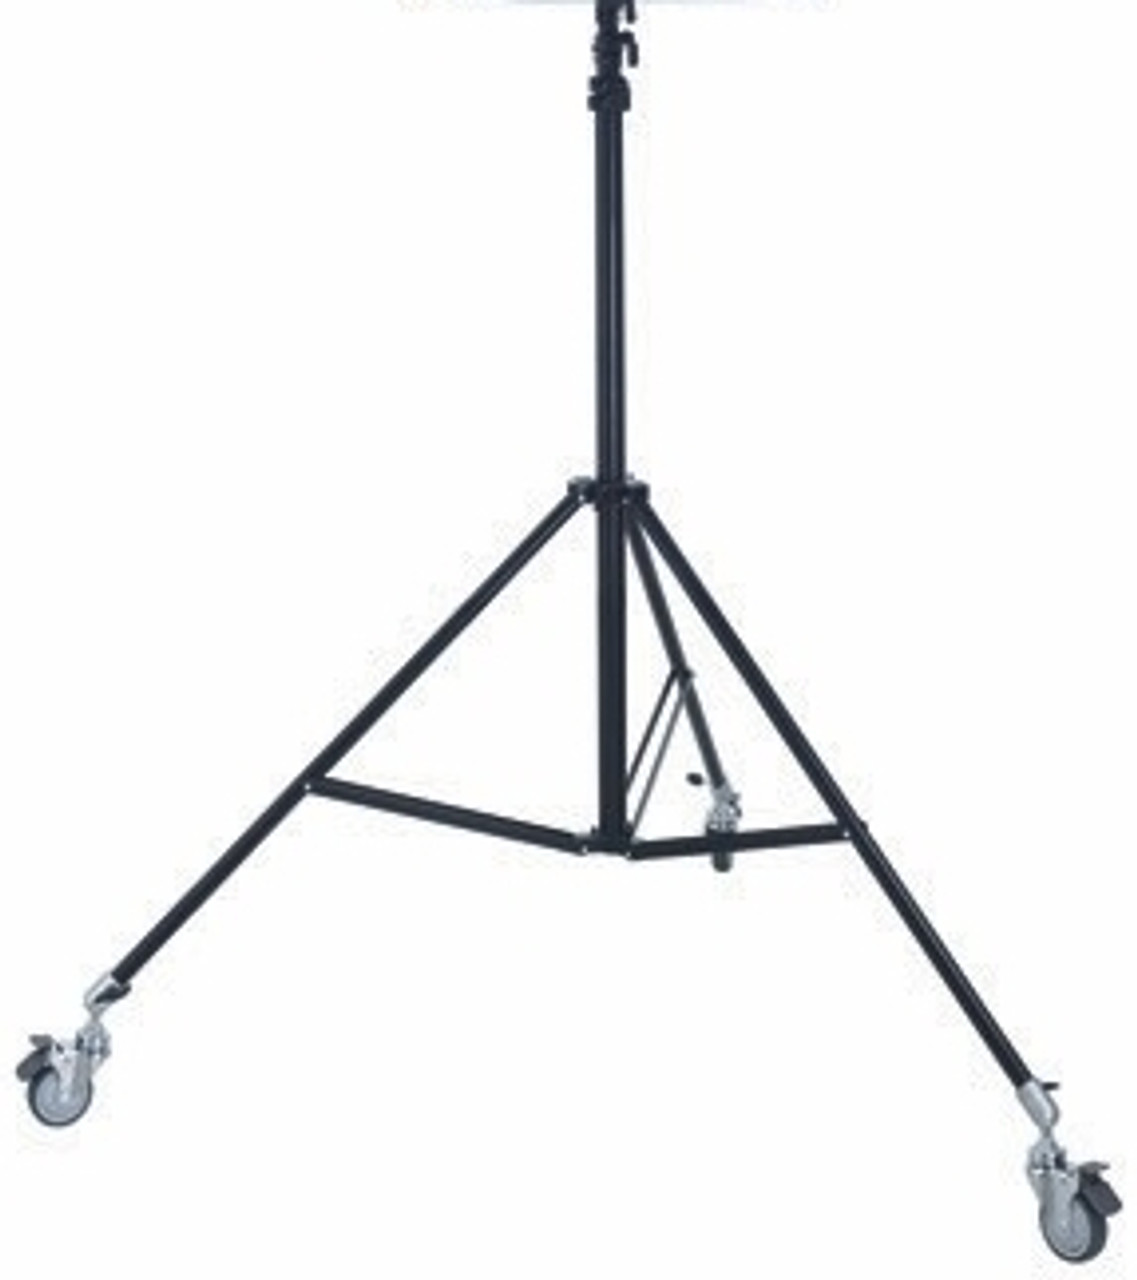 Testo 420 Tripod, extendable to 13' (4m) 0554 4209